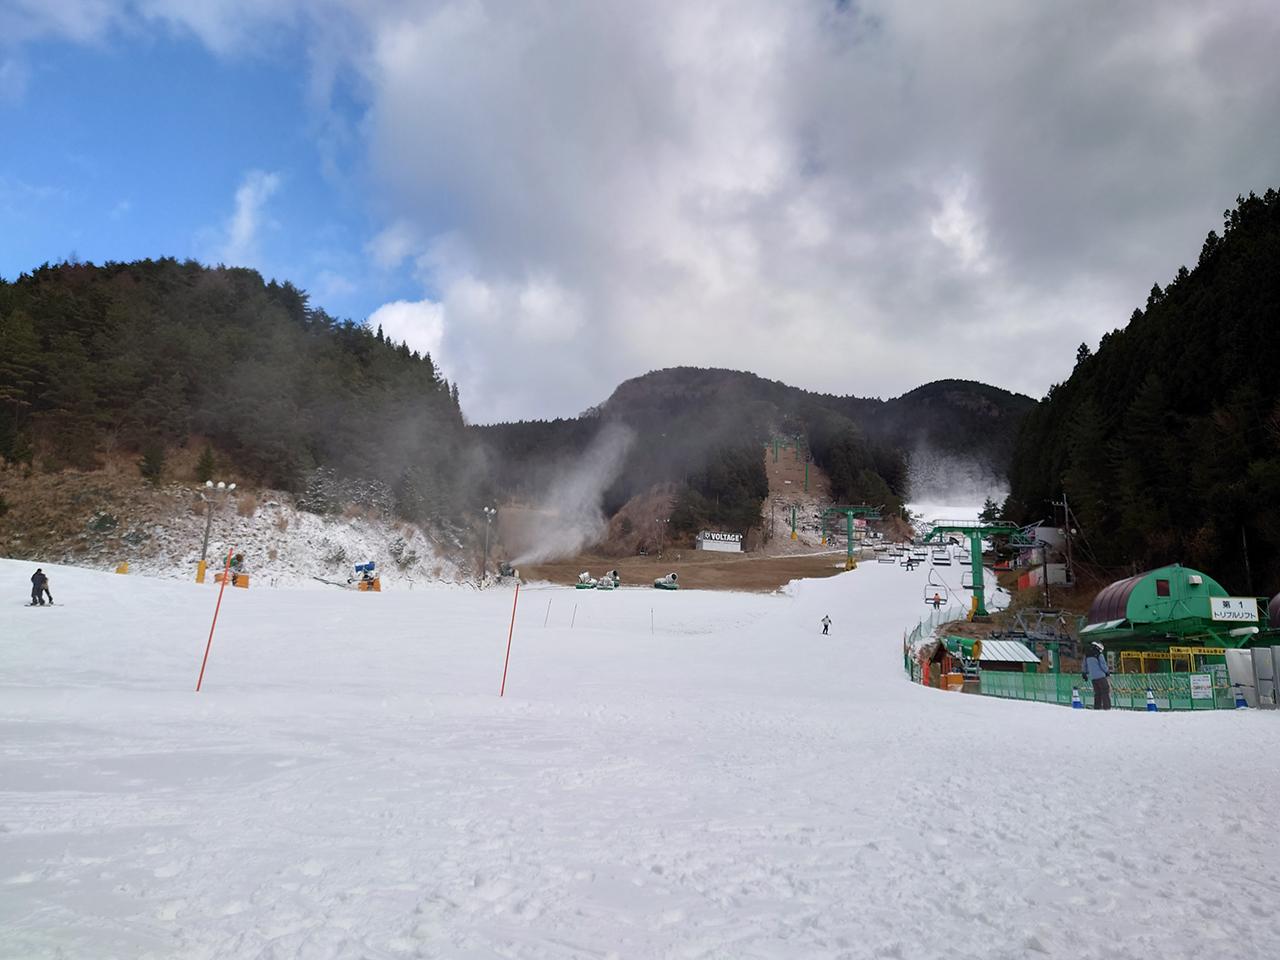 ウインターキクチが巡る!スキー&スノボに最適な 「久万スキーランド」で今シーズン初滑りを堪能してきたよ!